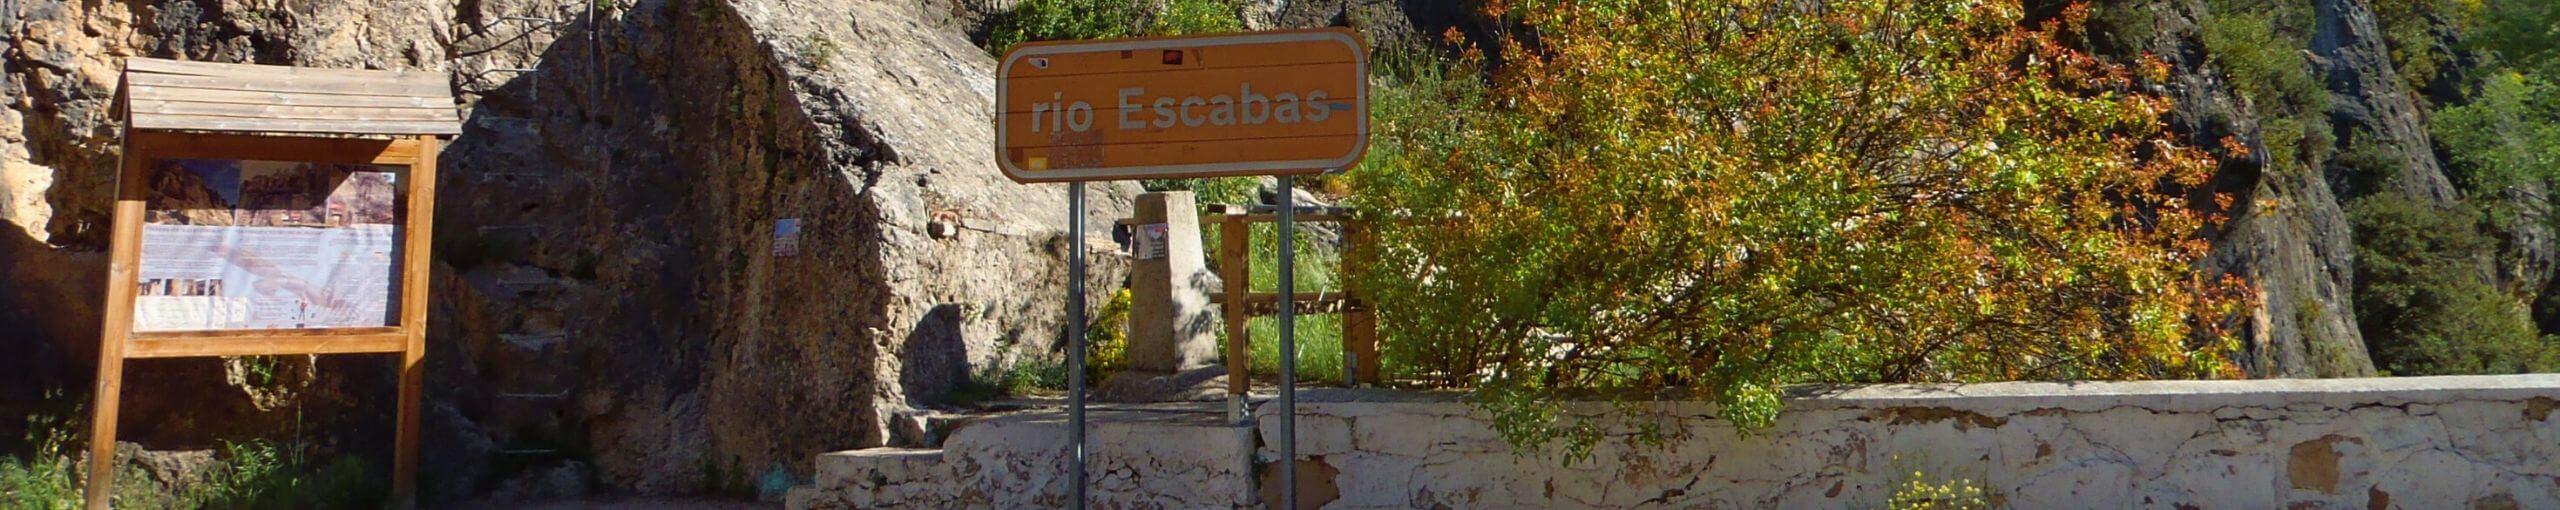 Camino Equipado de la Pasarela del Río Escabas. Priego, Cuenca. Castilla la Mancha.